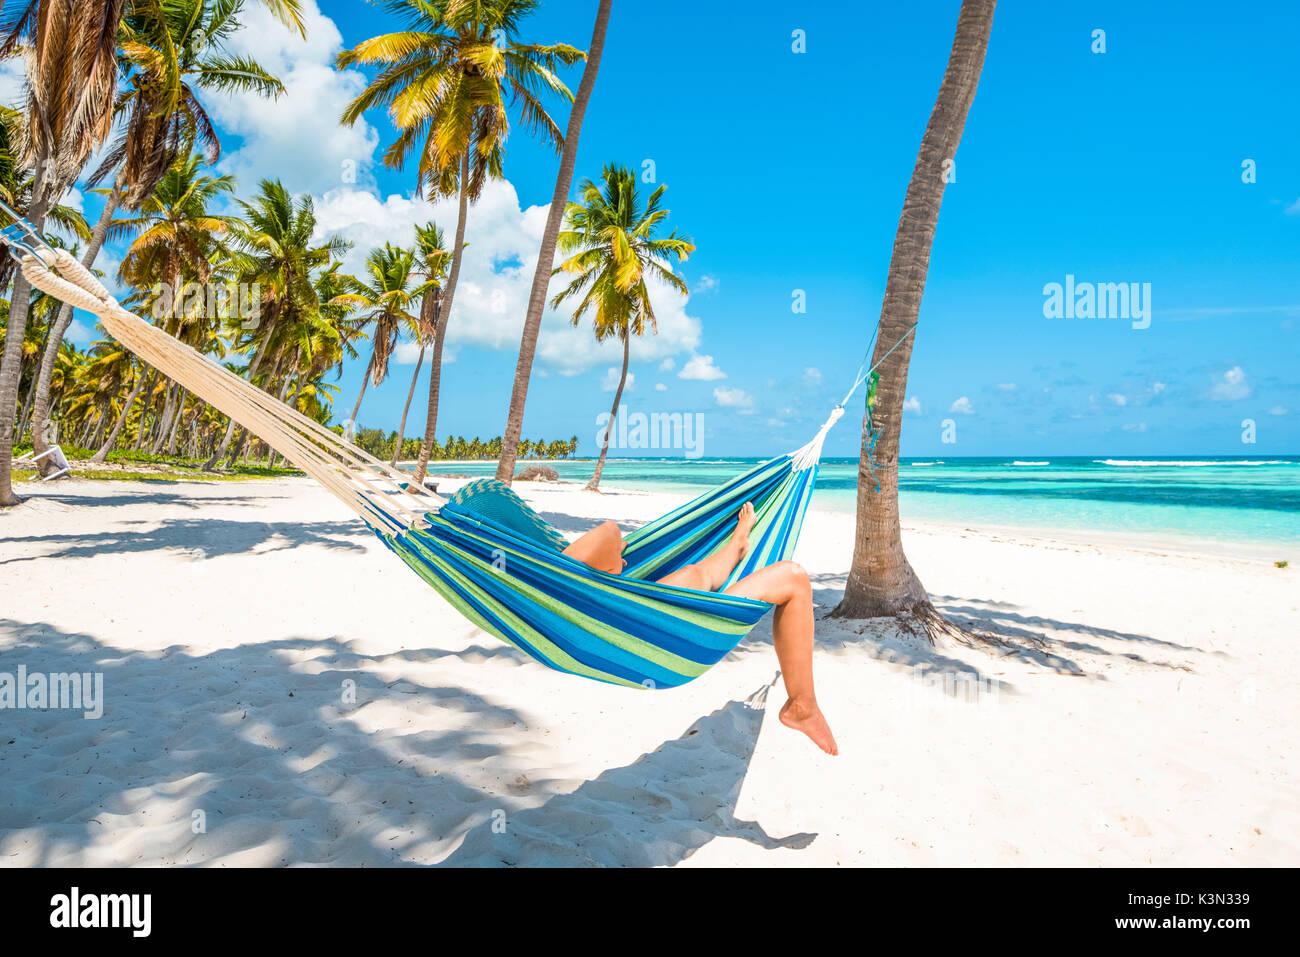 Canto de la Playa, Saona Island, Parco Nazionale Orientale (Parque Nacional del Este), Repubblica Dominicana, Mar dei Caraibi. Donna relax su una amaca sulla spiaggia (MR). Immagini Stock